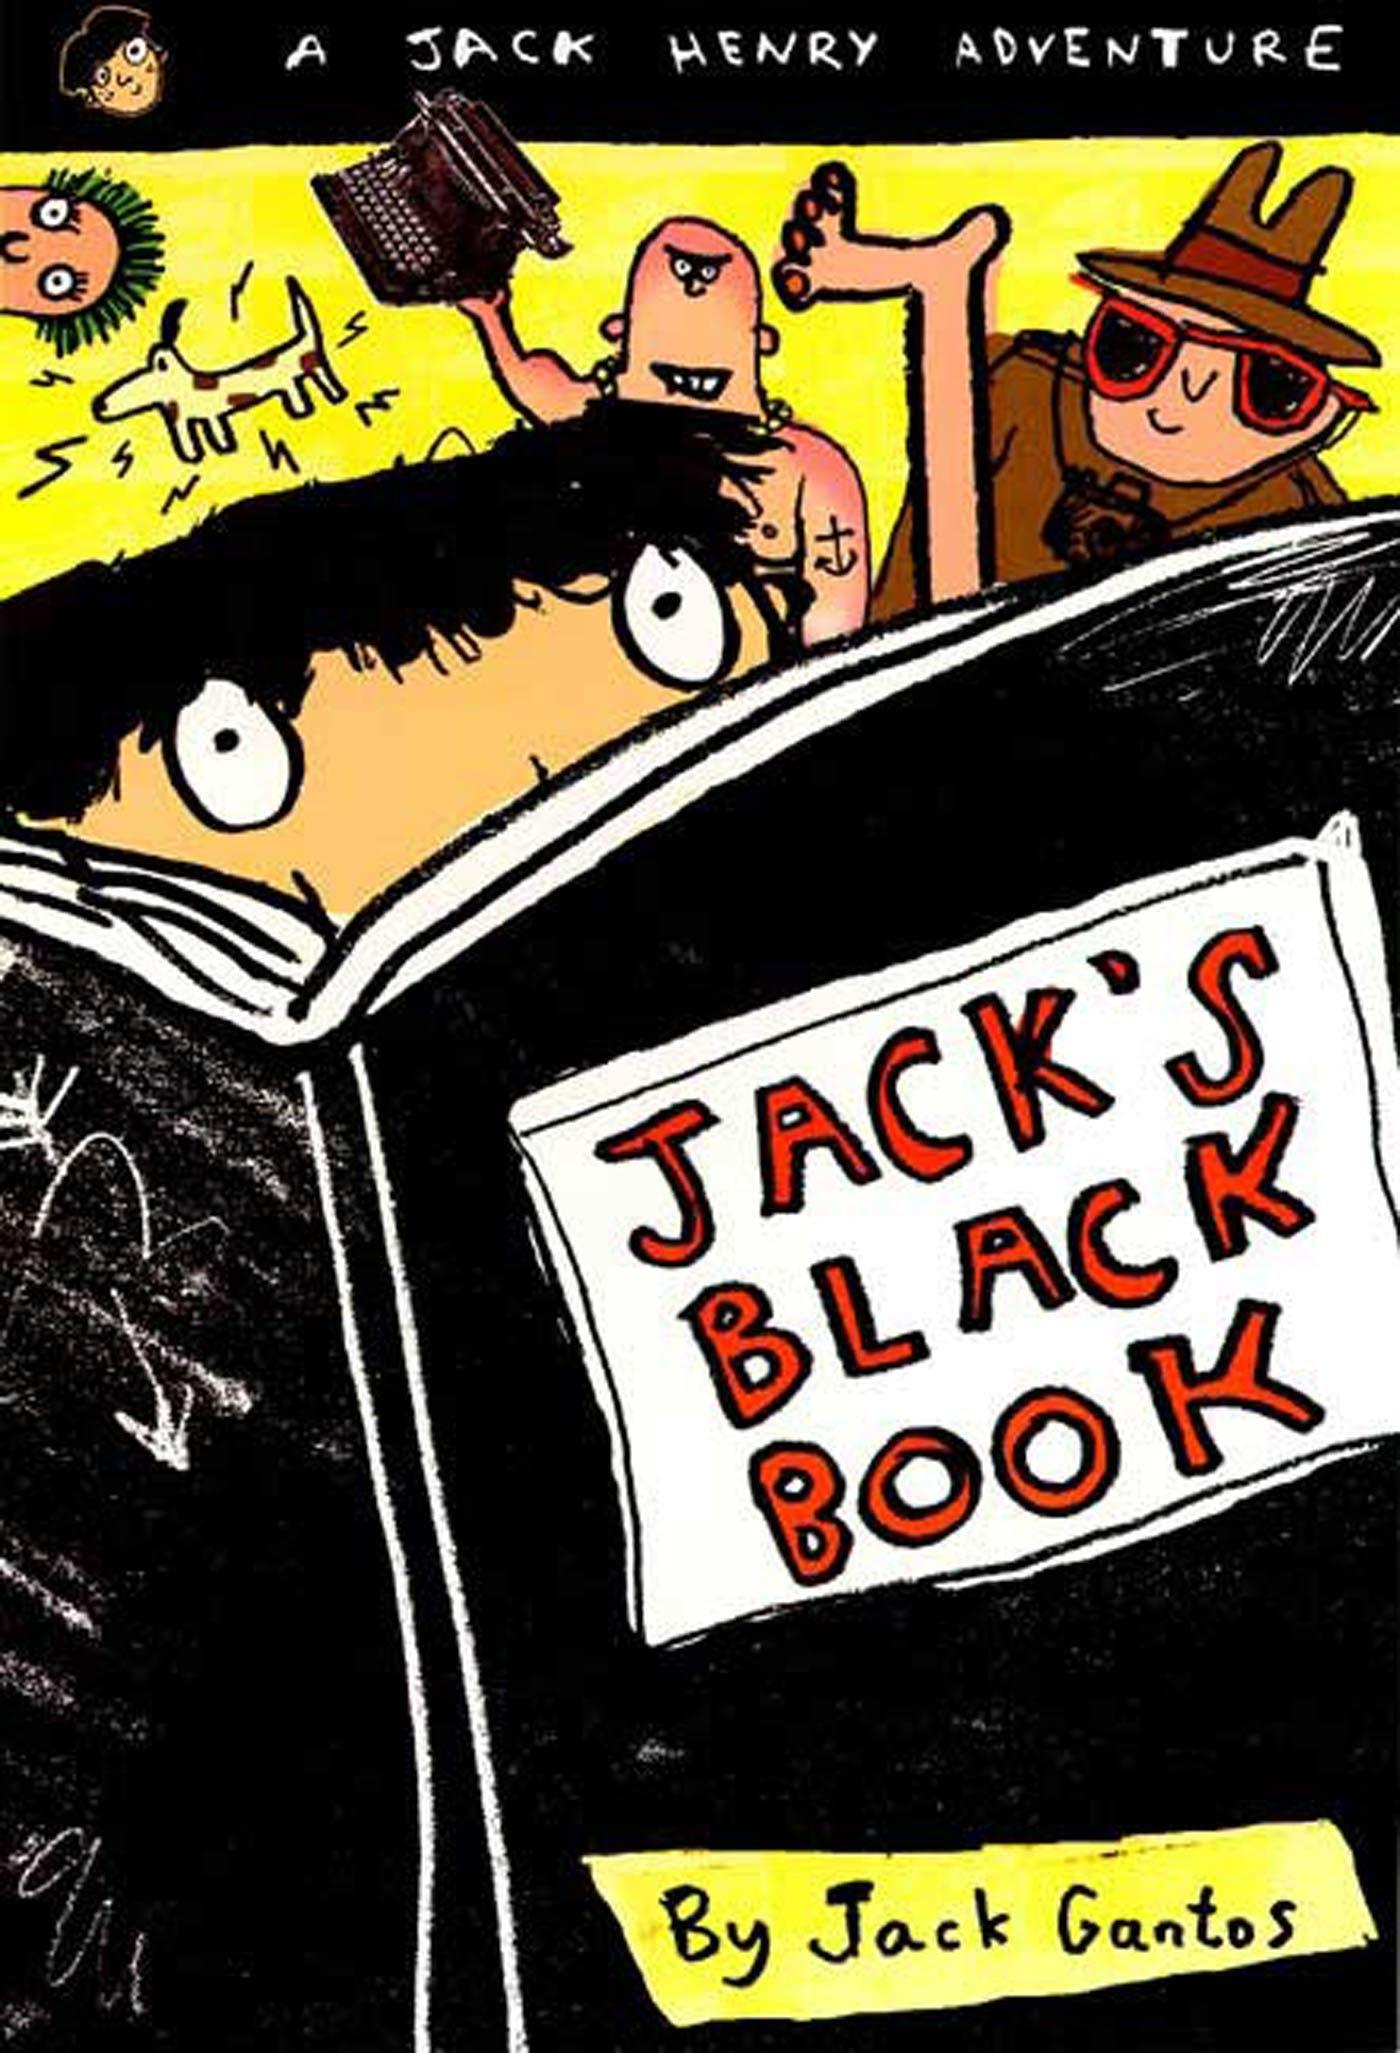 Image of Jack's Black Book